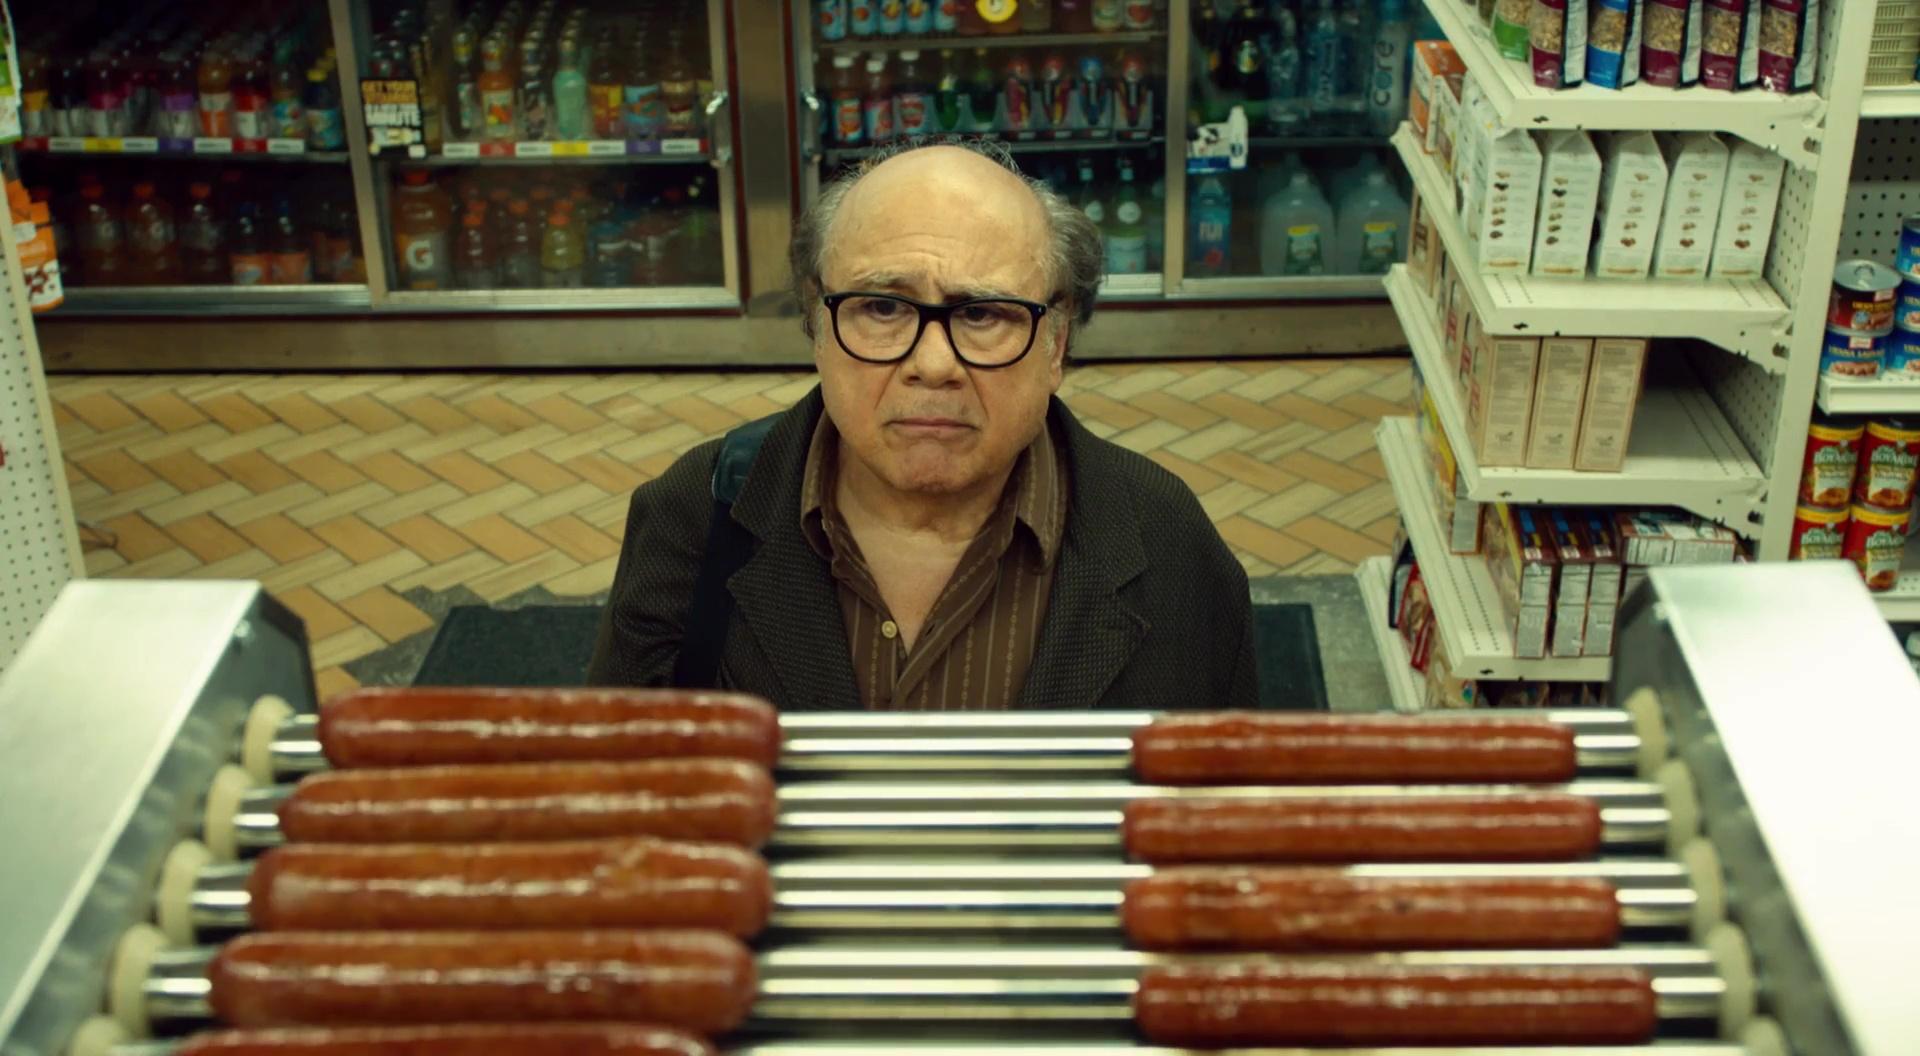 Wiener Dog Film